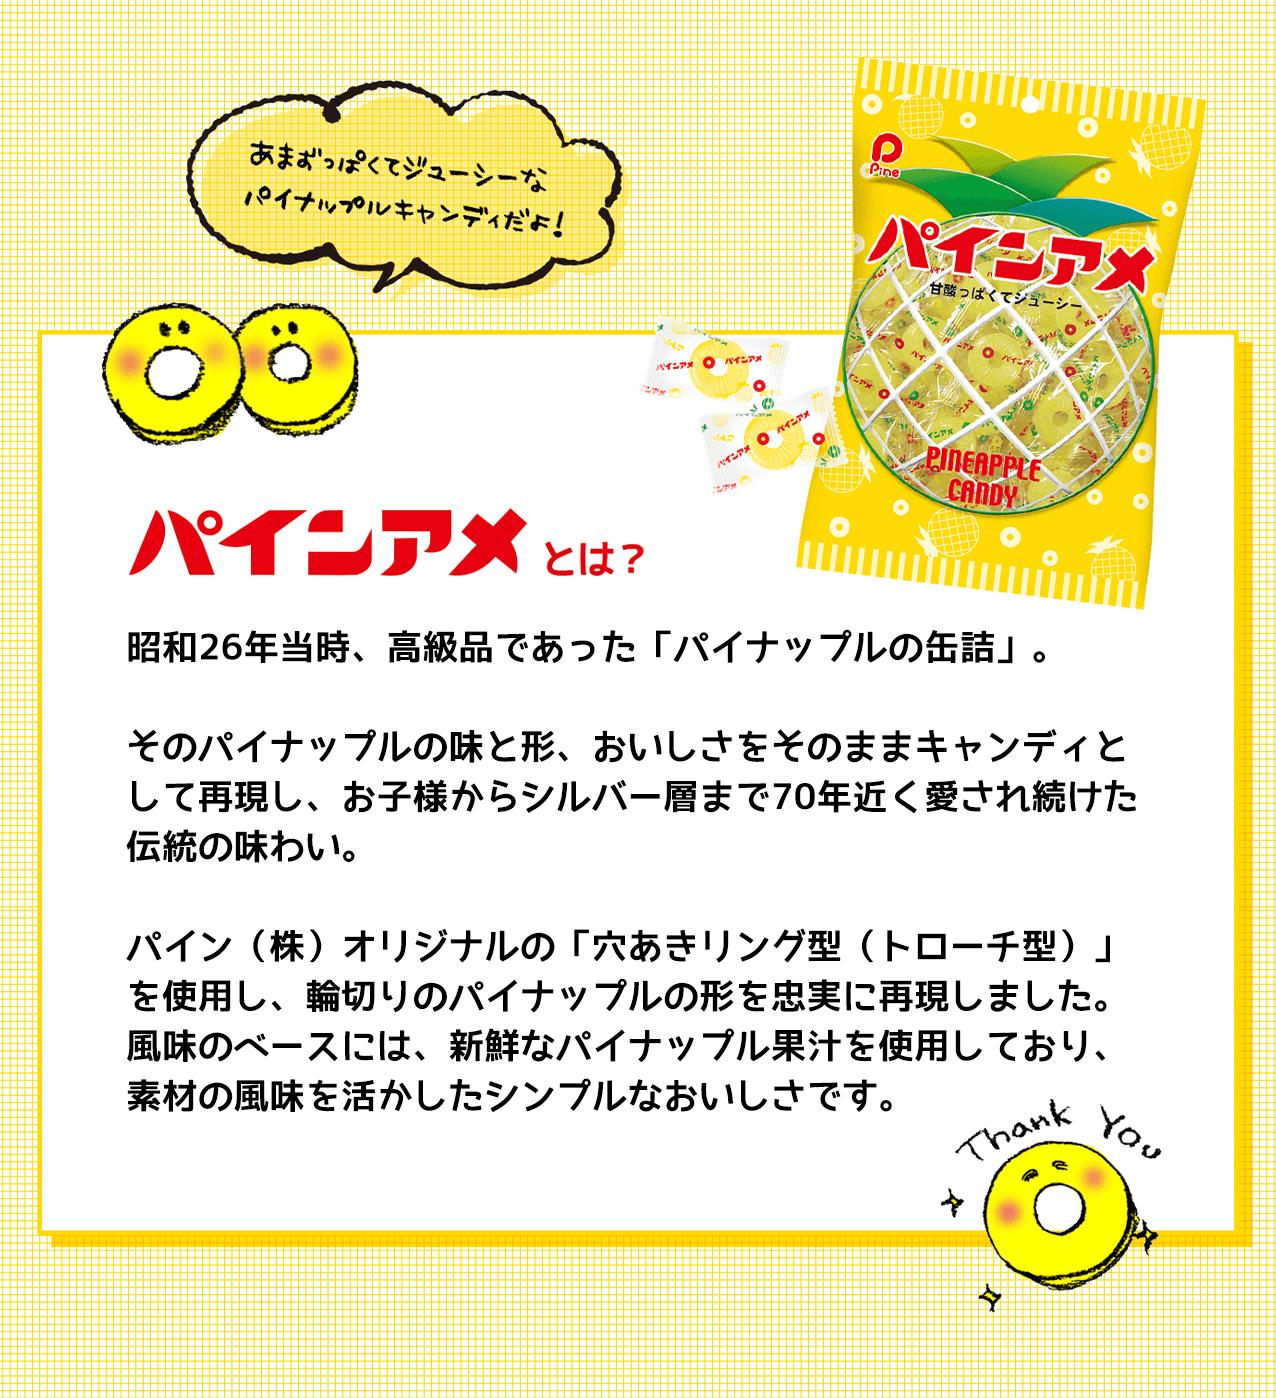 昭和26年当時、高級品であった「パイナップルの缶詰」。そのパイナップルの味と形、おいしさをそのままキャンディとして再現し、お子様からシルバー層まで70年近く愛され続けた伝統の味わい。パイン(株)オリジナルの「穴あきリング型(トローチ型)」を使用し、輪切りのパイナップルの形を忠実に再現しました。風味のベースには、新鮮なパイナップル果汁を使用しており、素材の風味を活かしたシンプルなおいしさです。